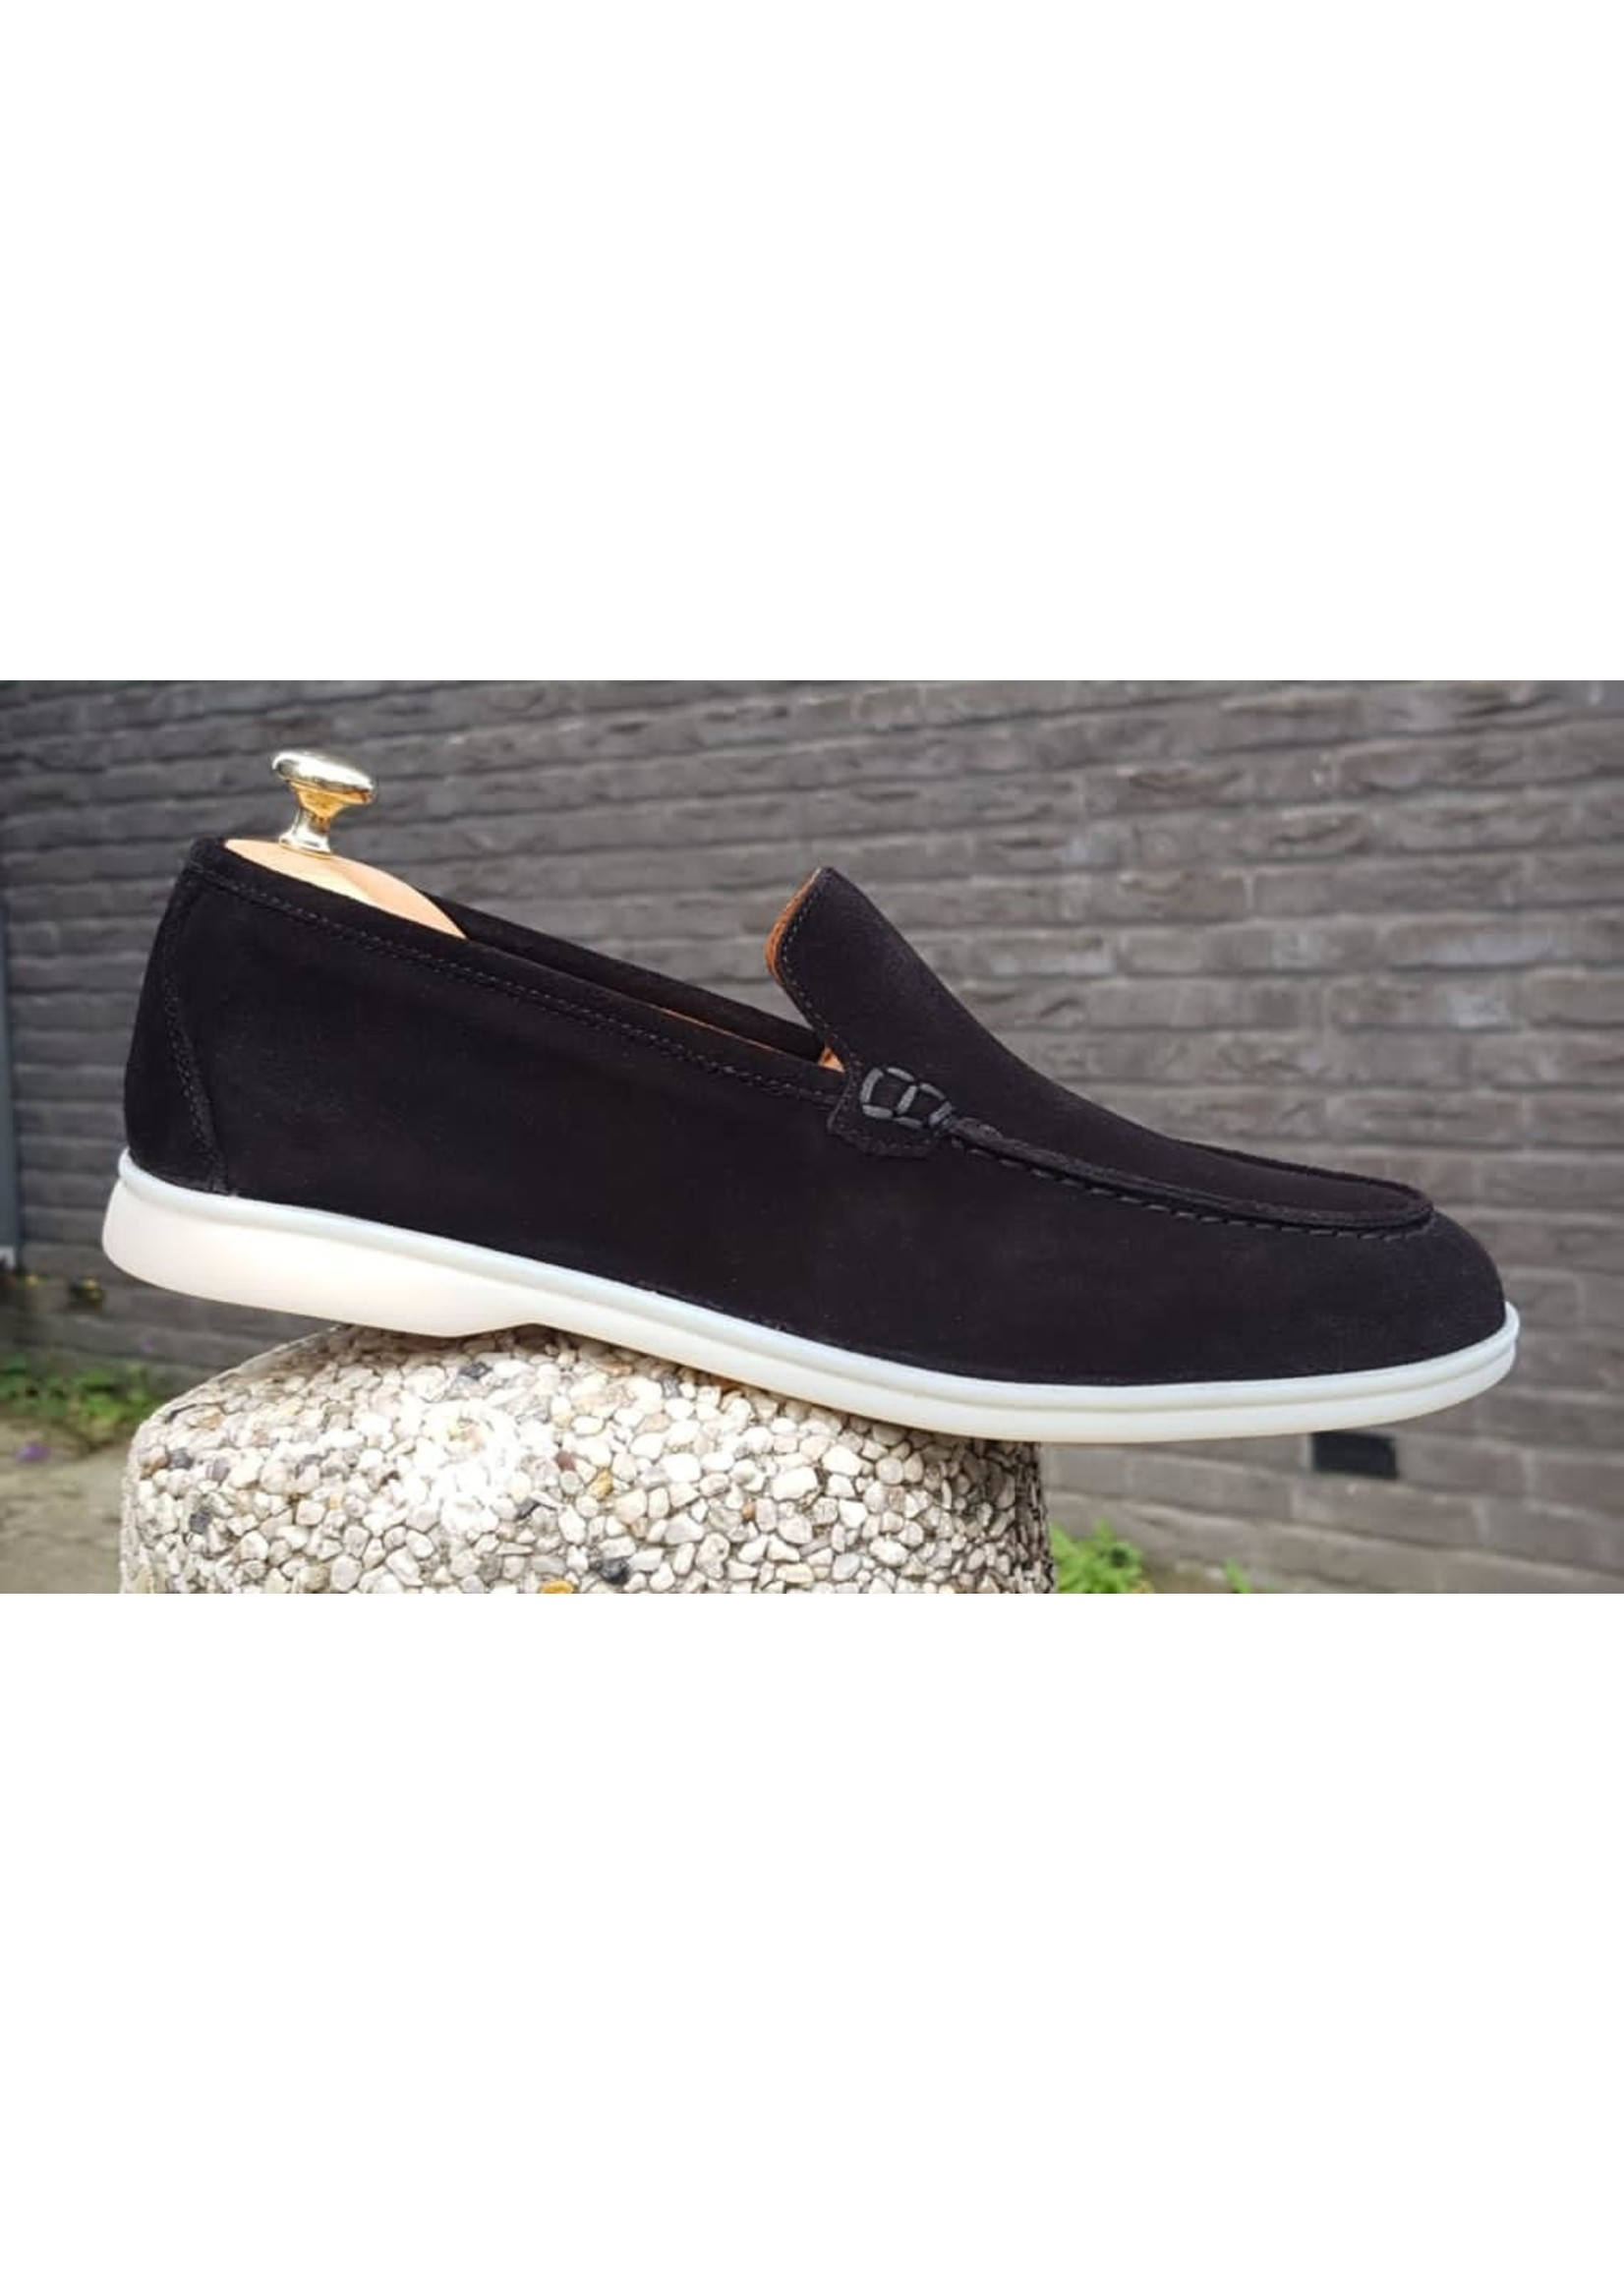 HON low top suede schoenen marine